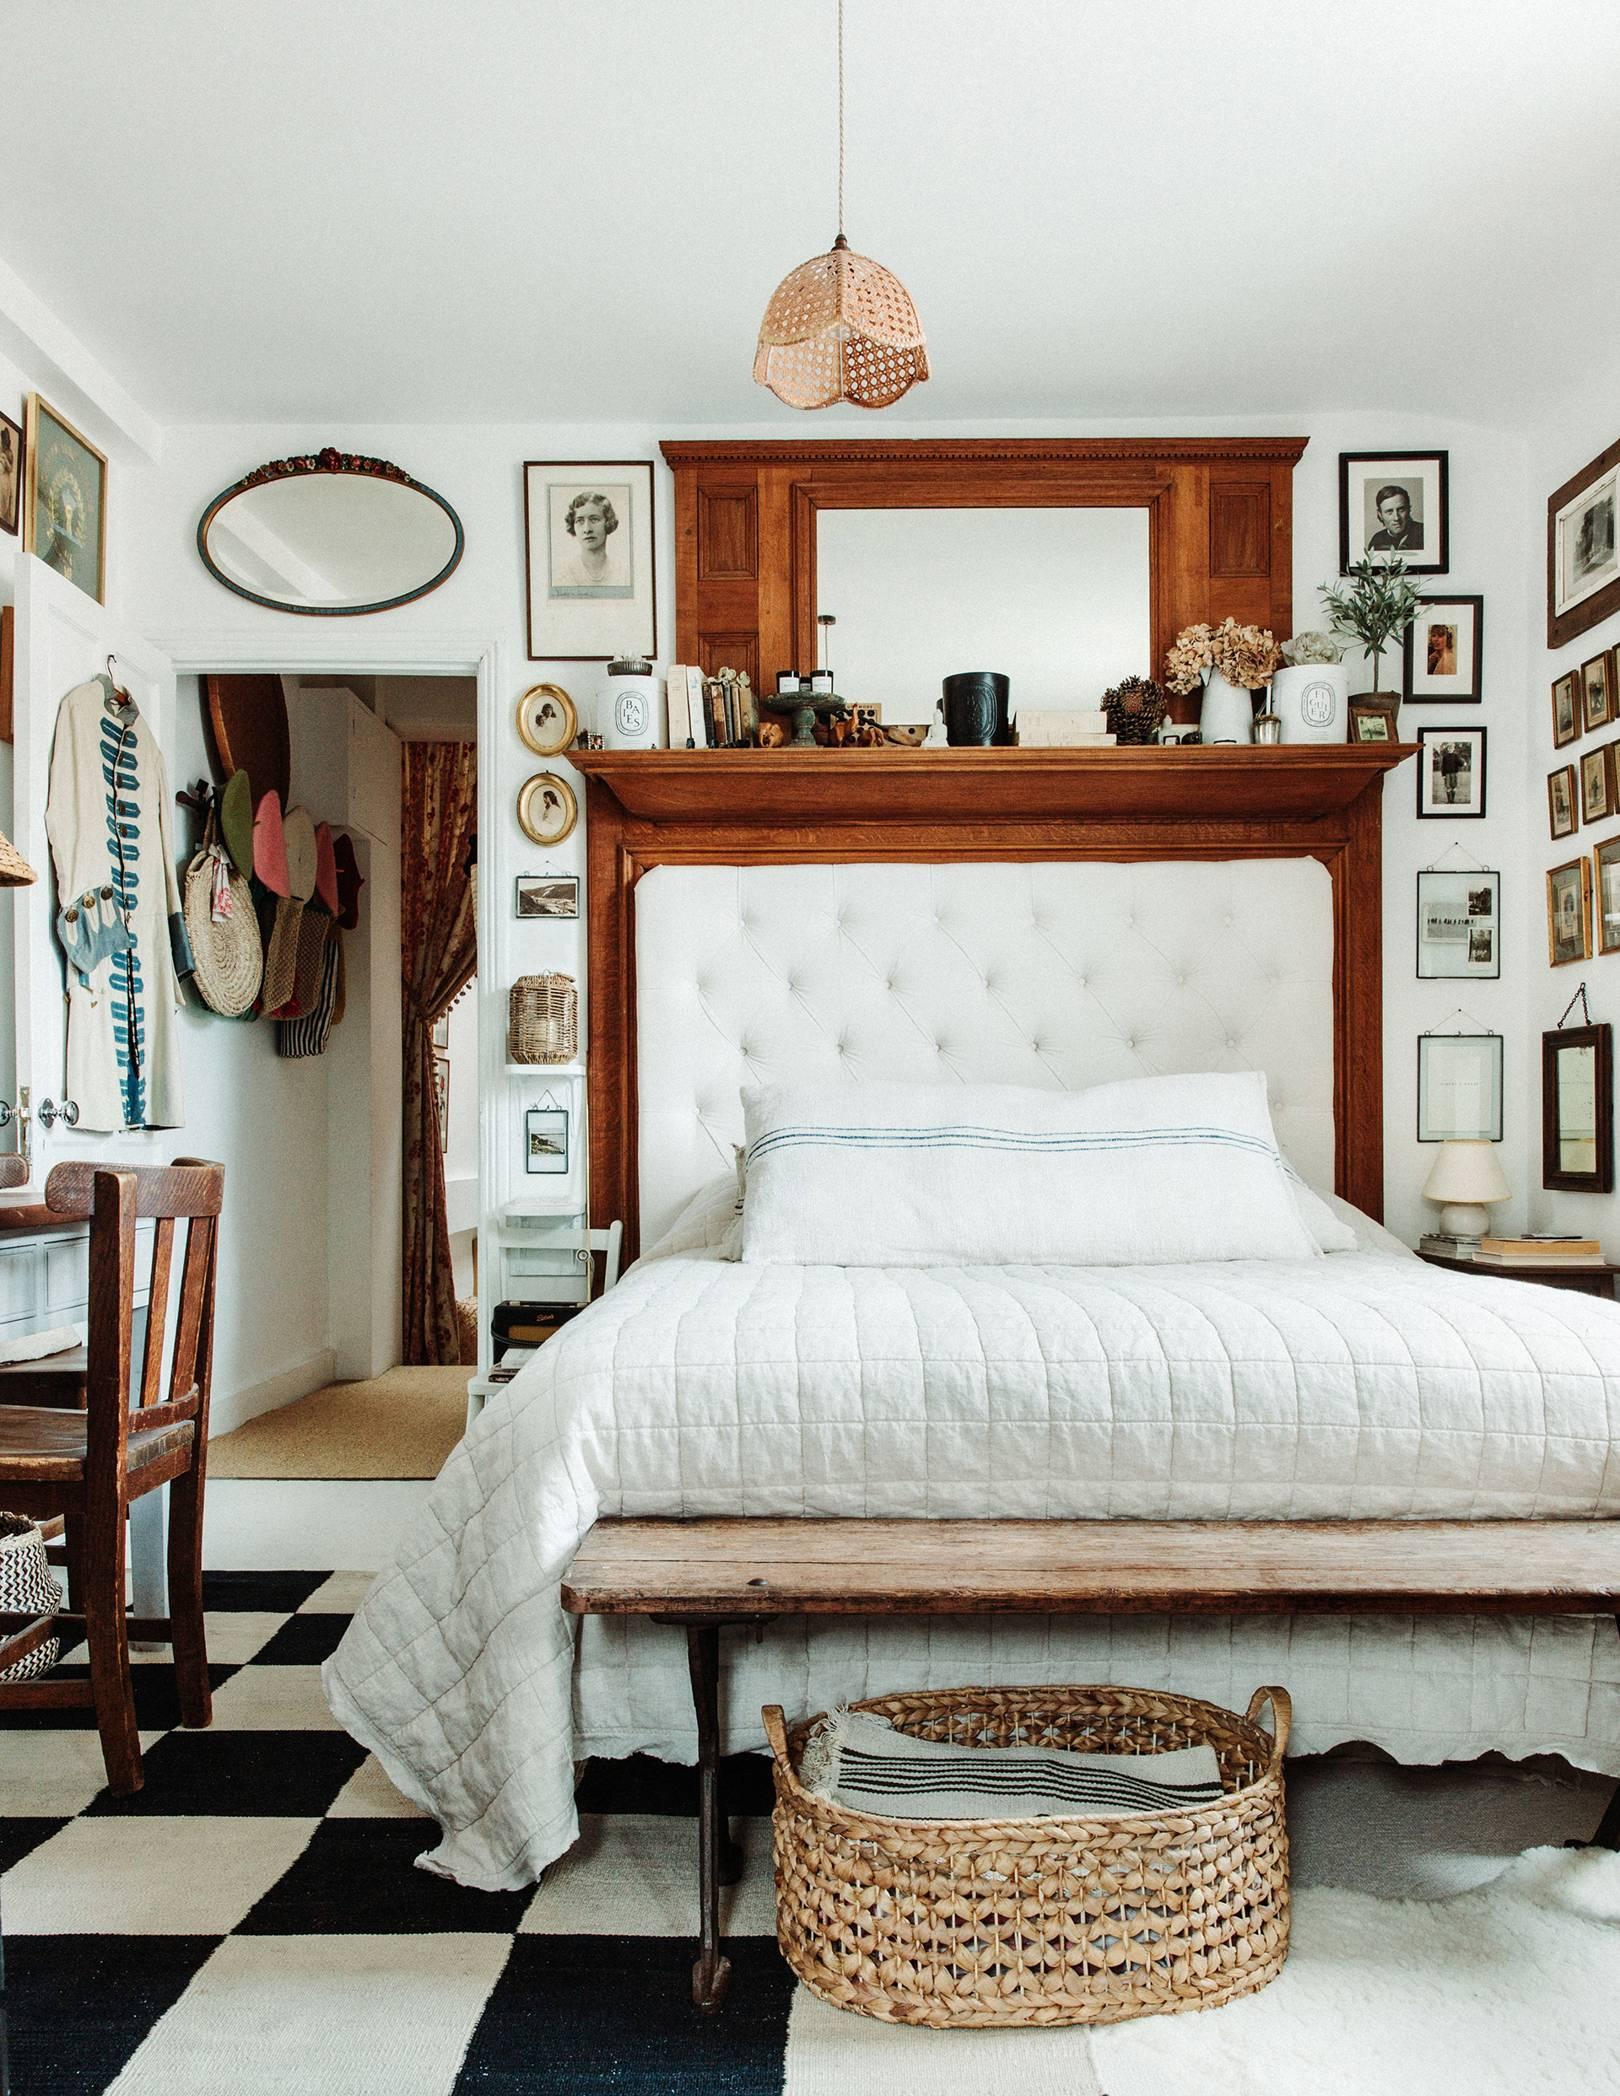 un grand lit dans une petite chambre avec plein de petites collections | visite de la maison éclectique romantique de dent violette